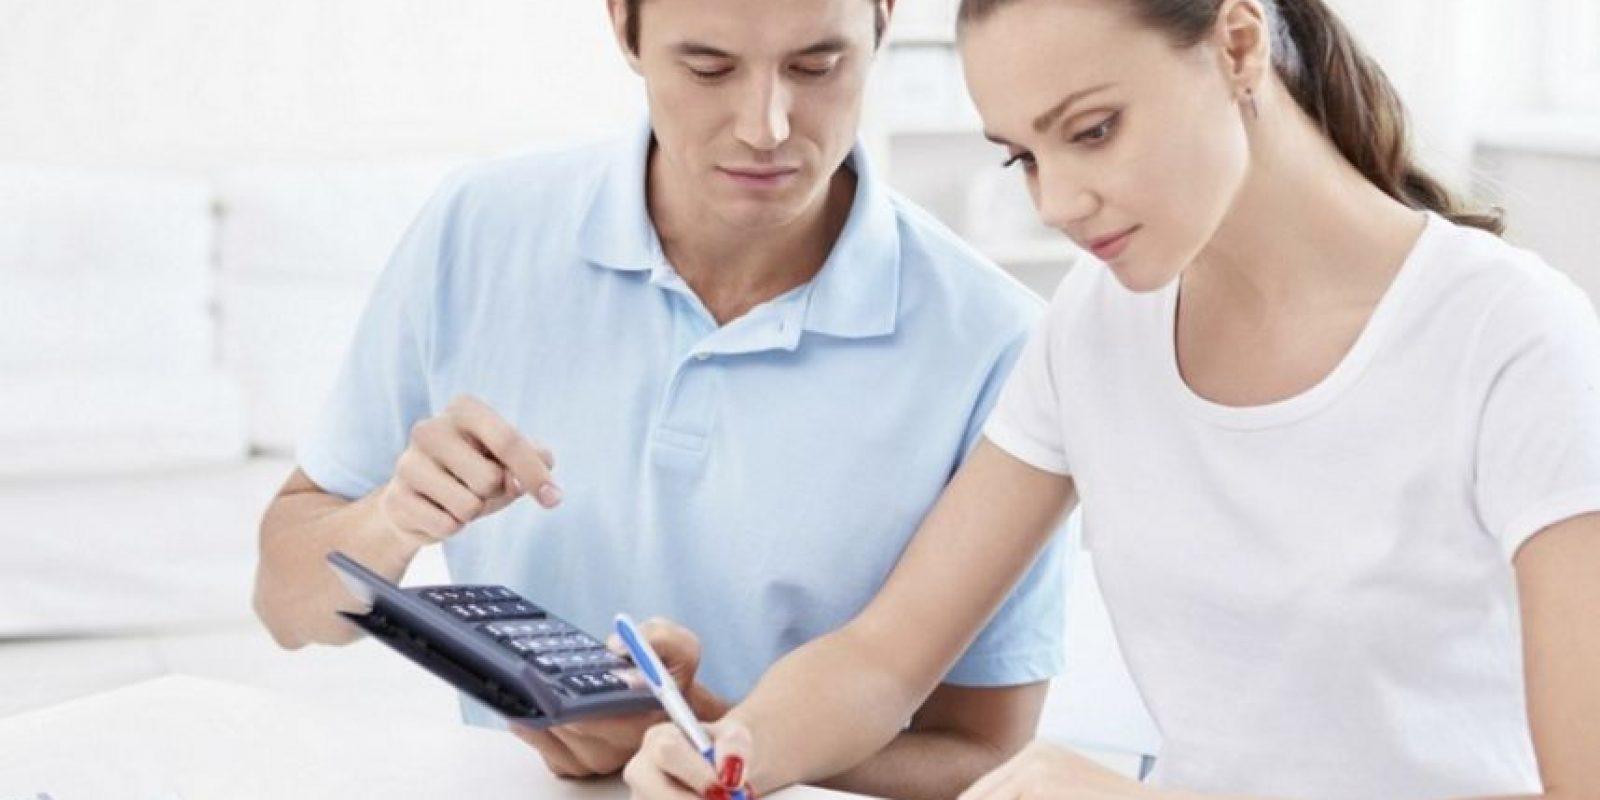 Lo ideal es dedicar entre 10 y 30 minutos al análisis de tu situación financiera y tomar decisiones para caer en aprietos económicos. Foto:Especial